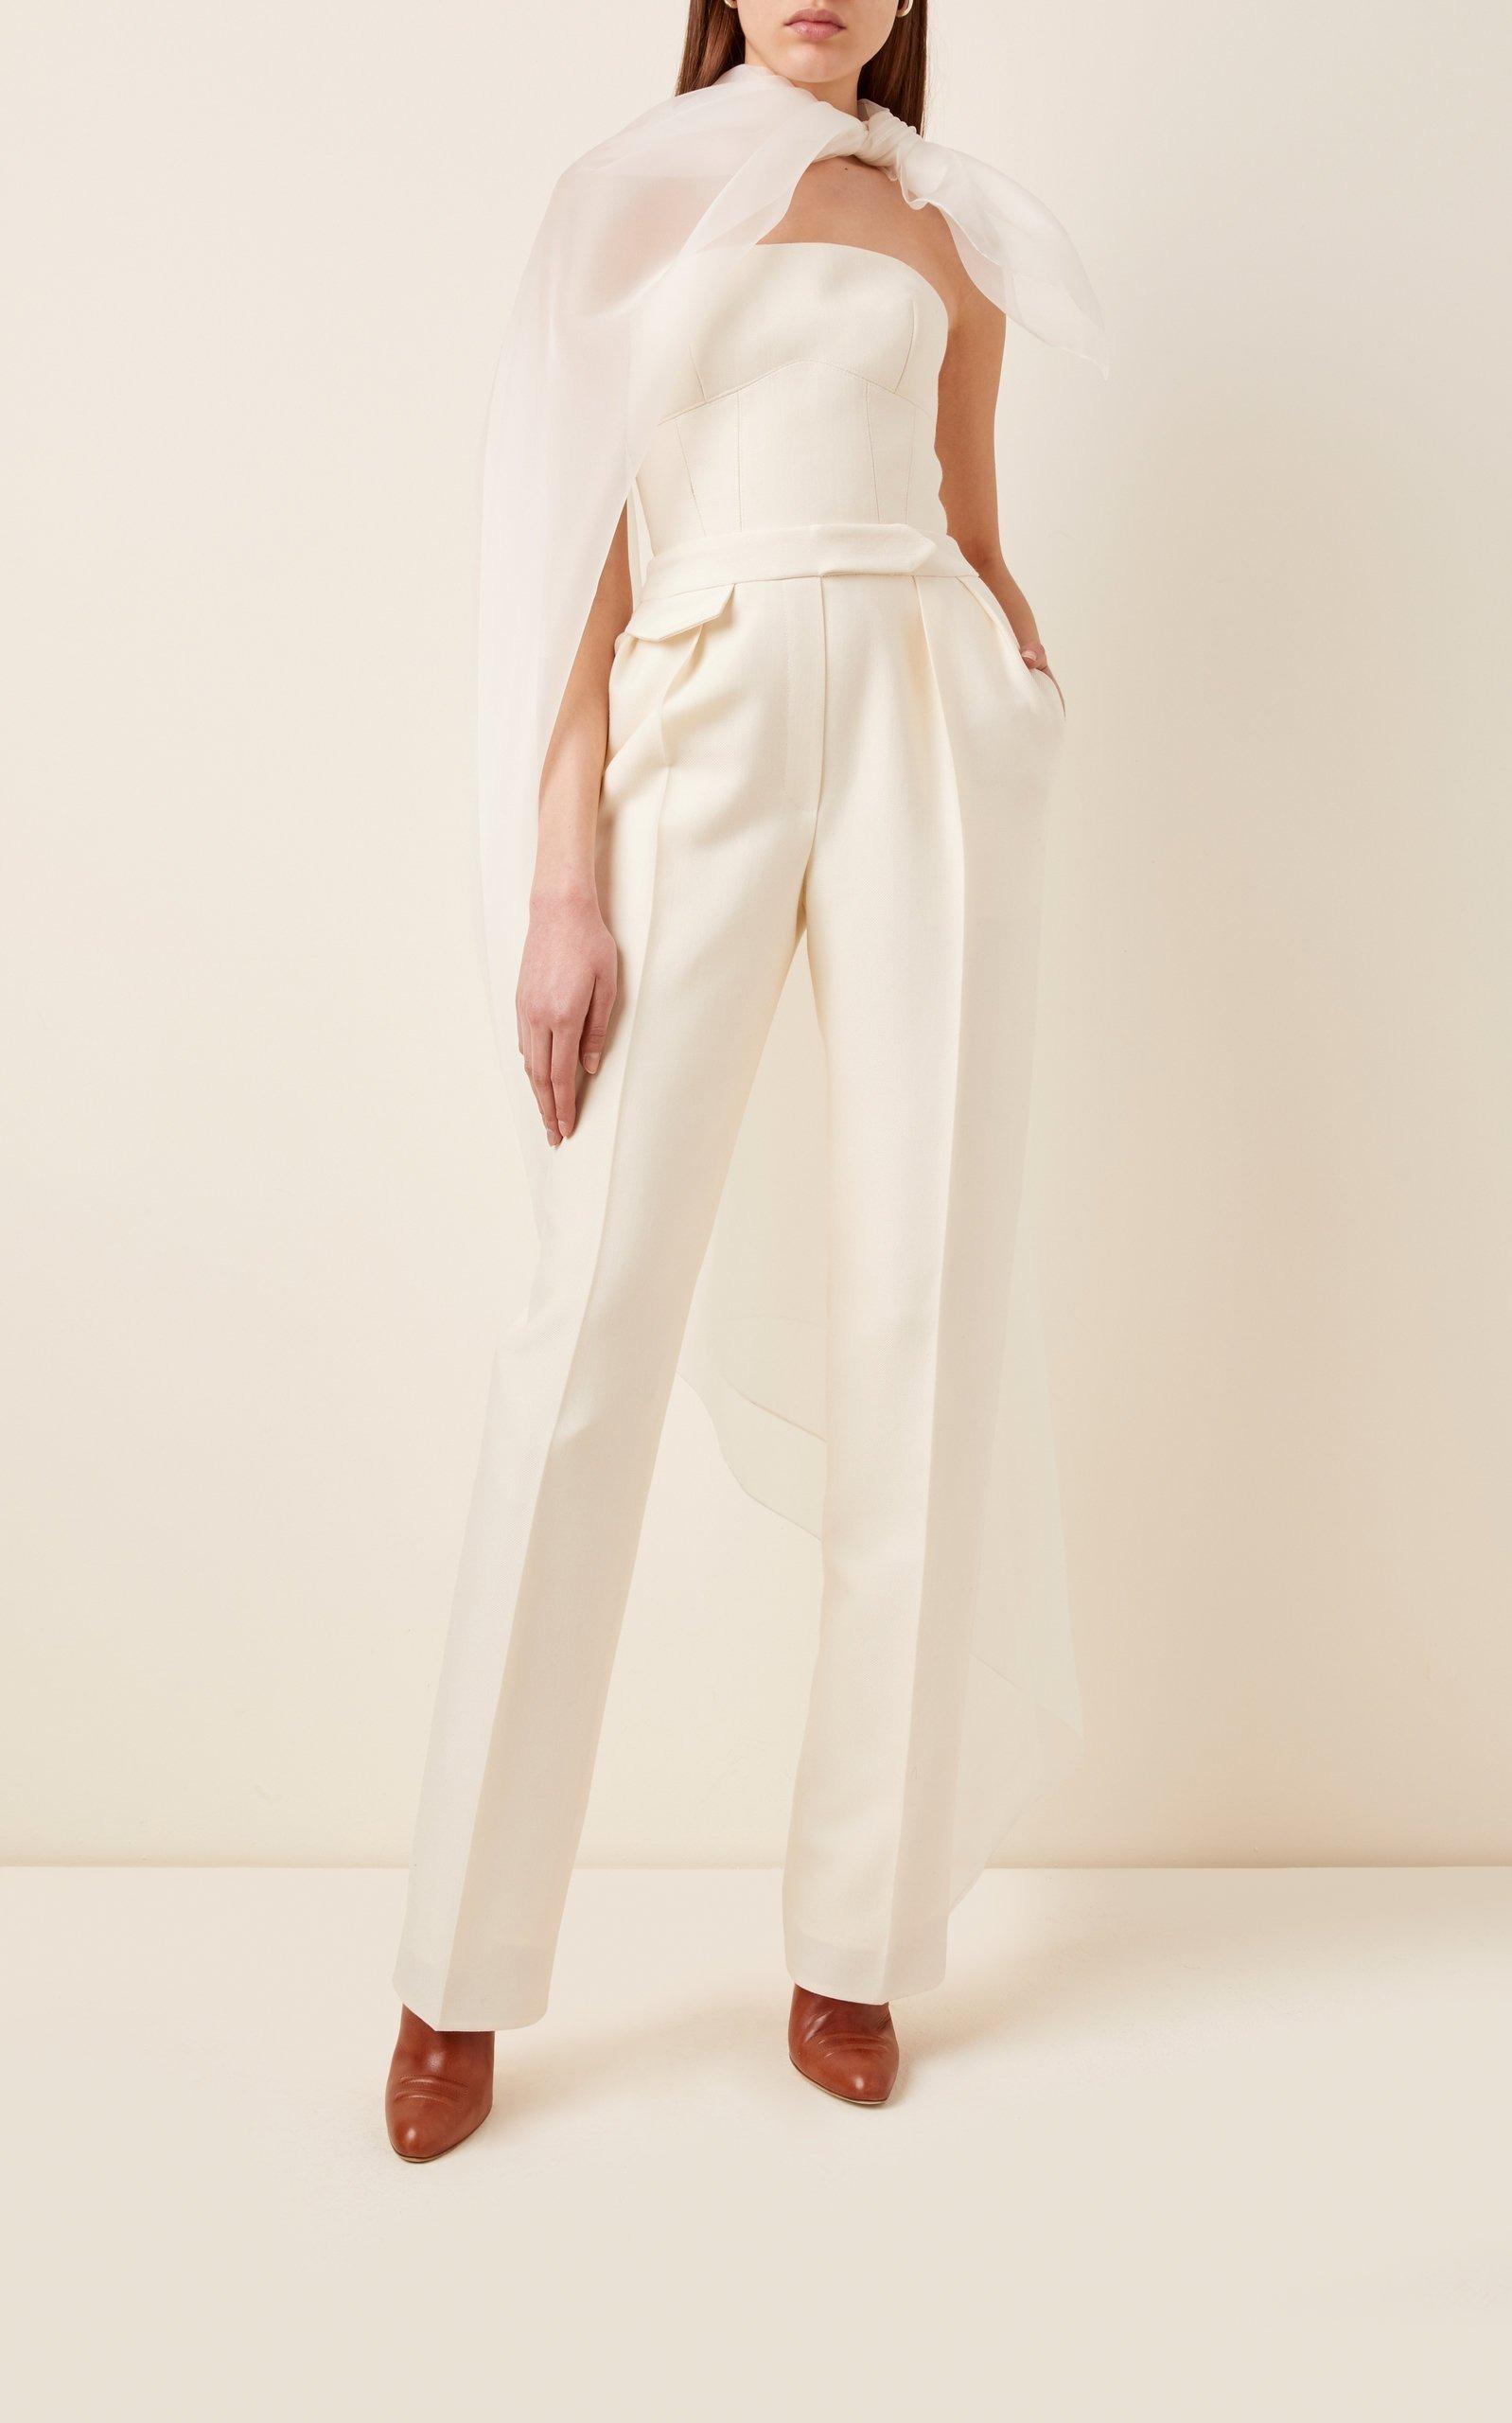 white strapless Brandon Maxwell wedding jumpsuit